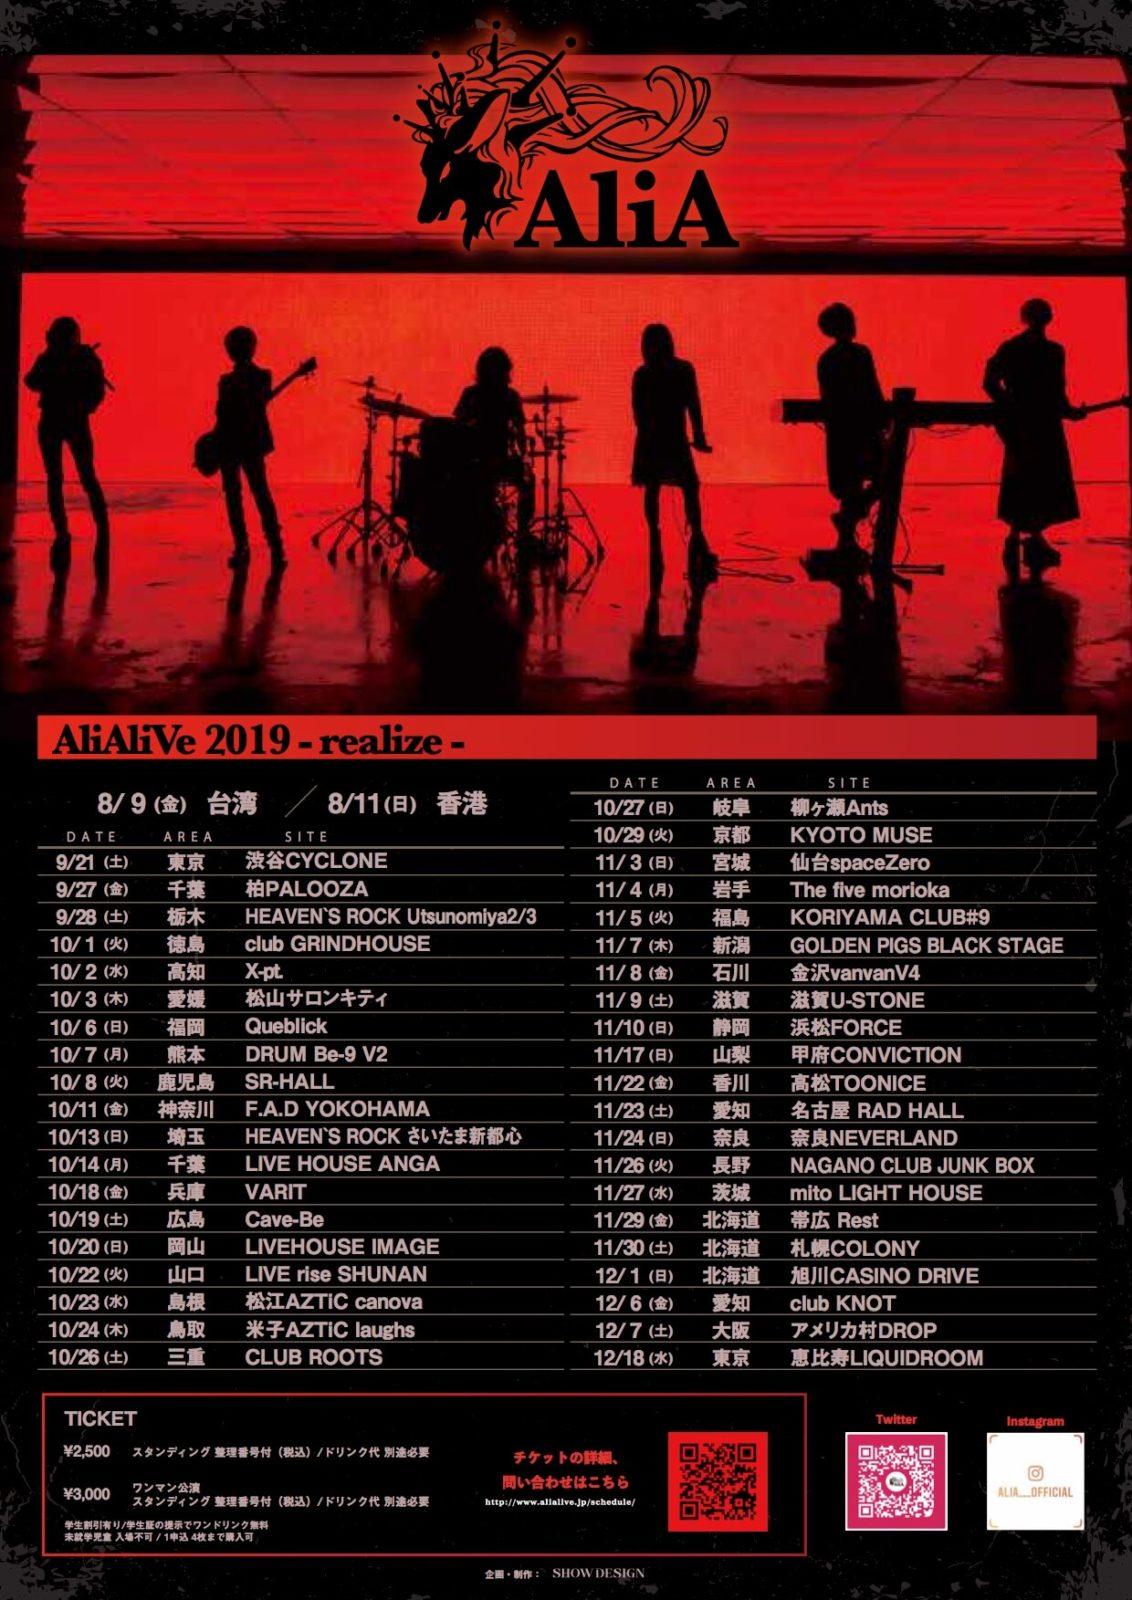 AliAが9月に2ndミニ・アルバム発売&全42公演のライブハウスツアーも決定サムネイル画像